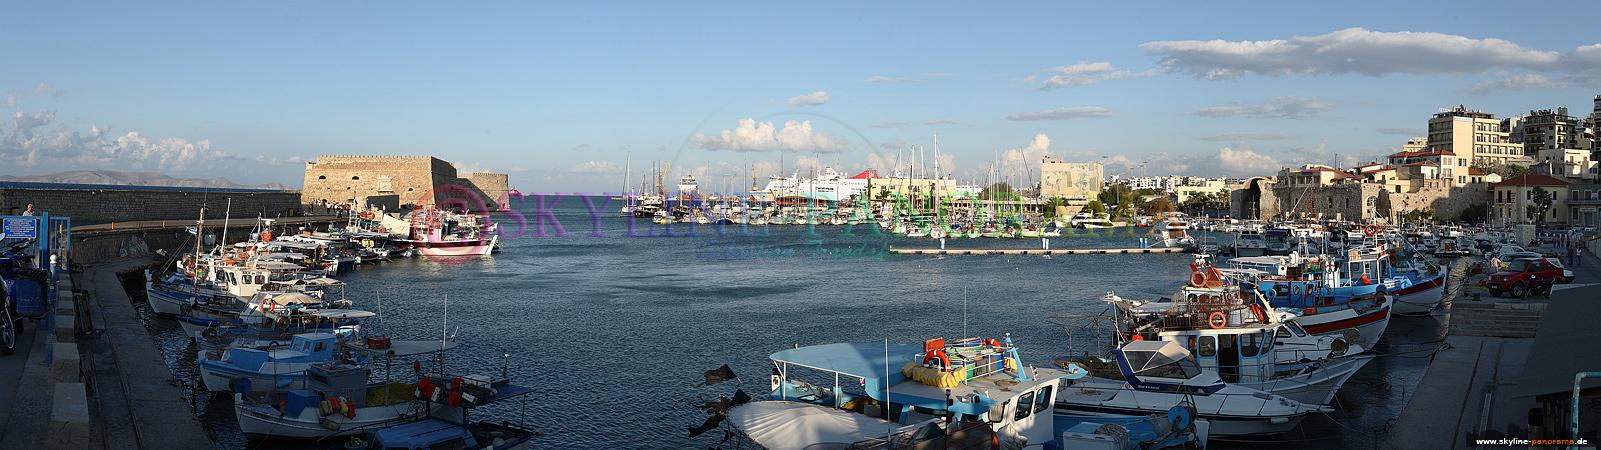 der Hafen von Heraklion am Tag aufgenommen